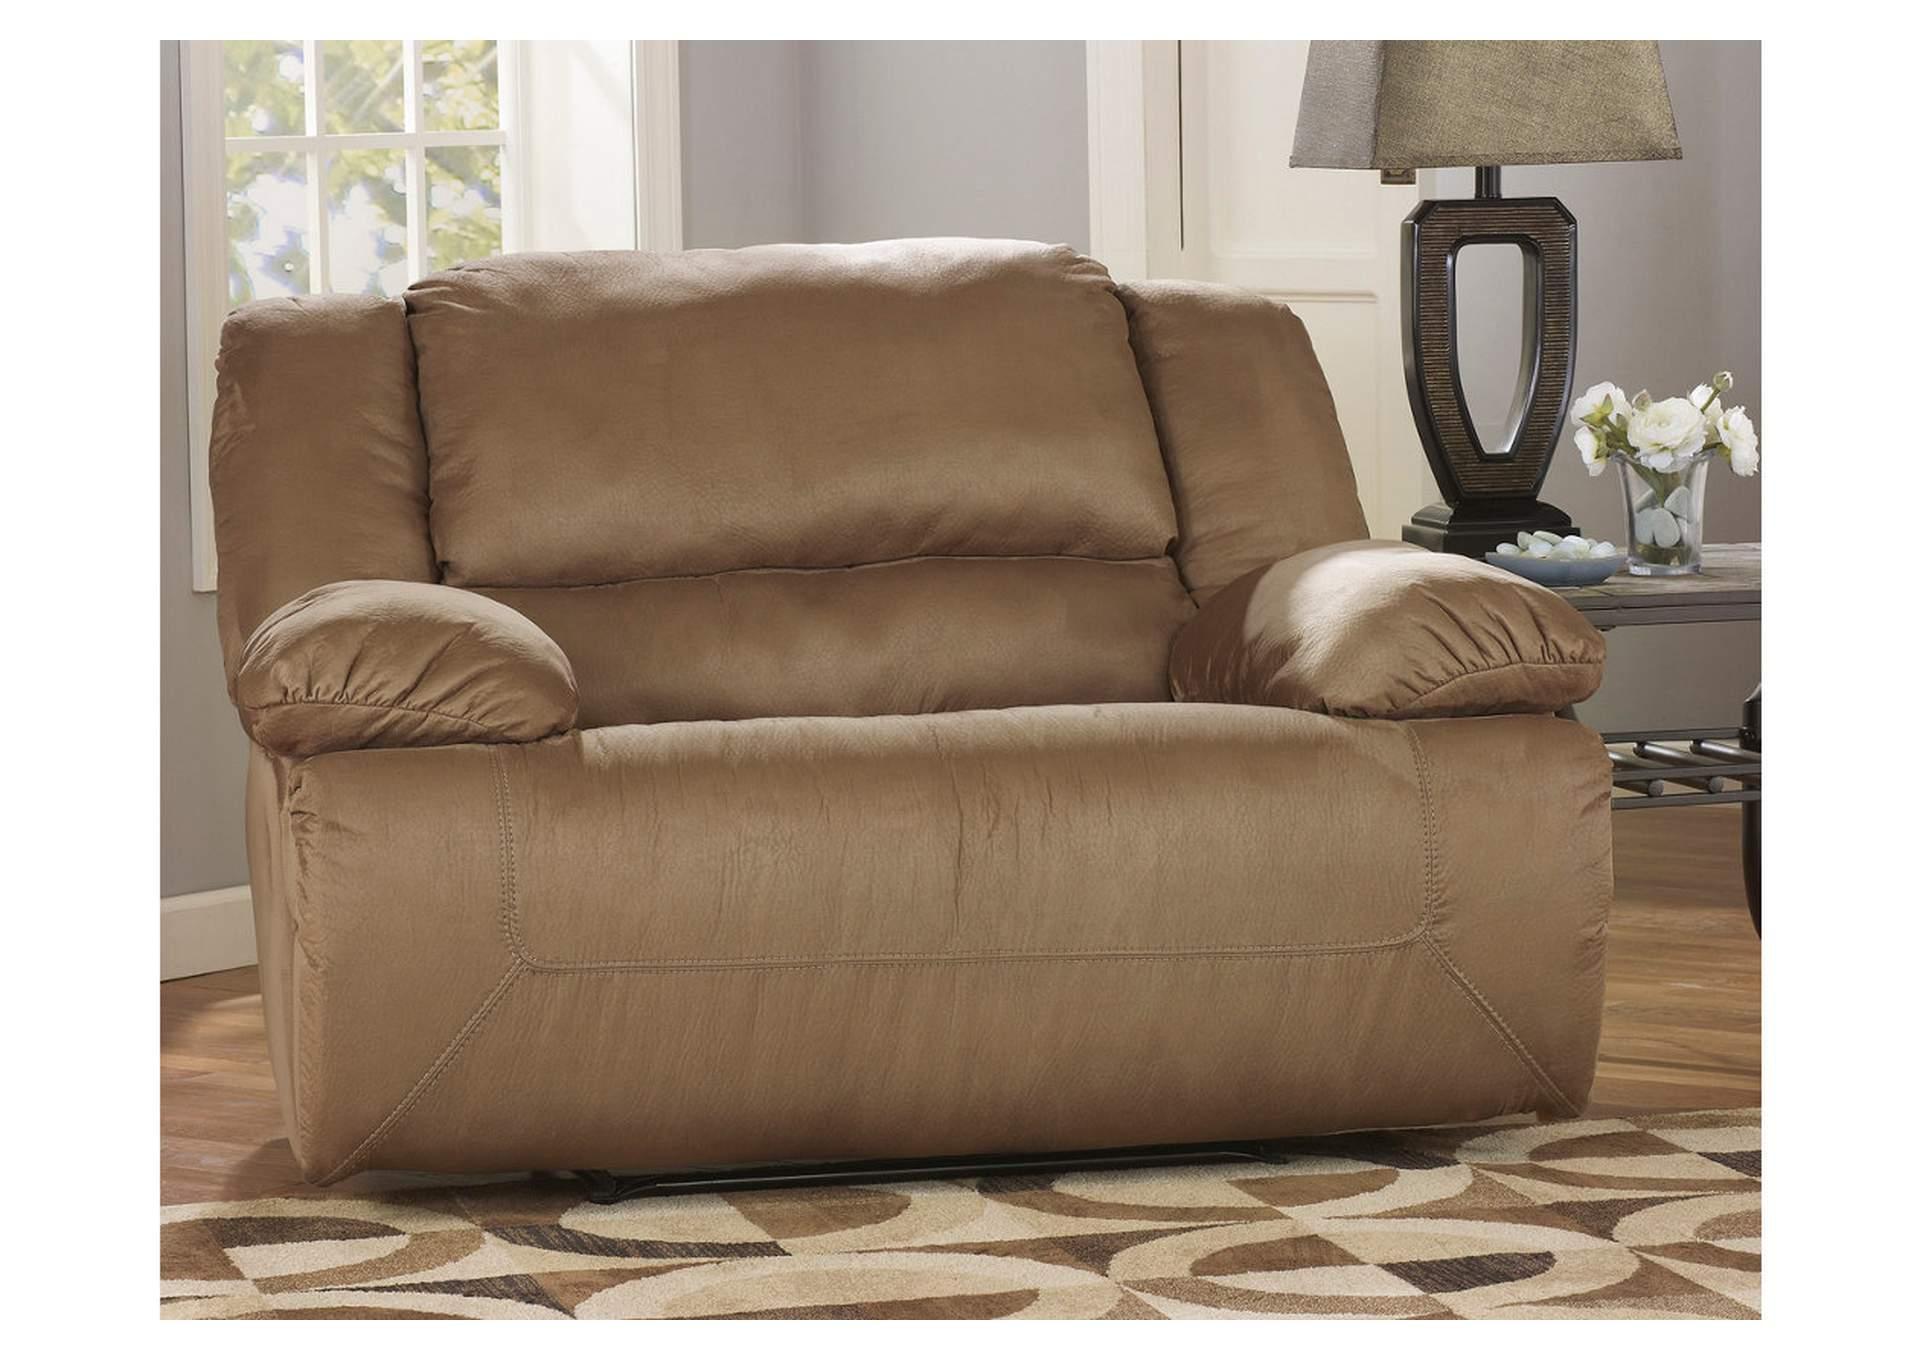 Overstock Furniture Langley Park Woodbridge Alexandria